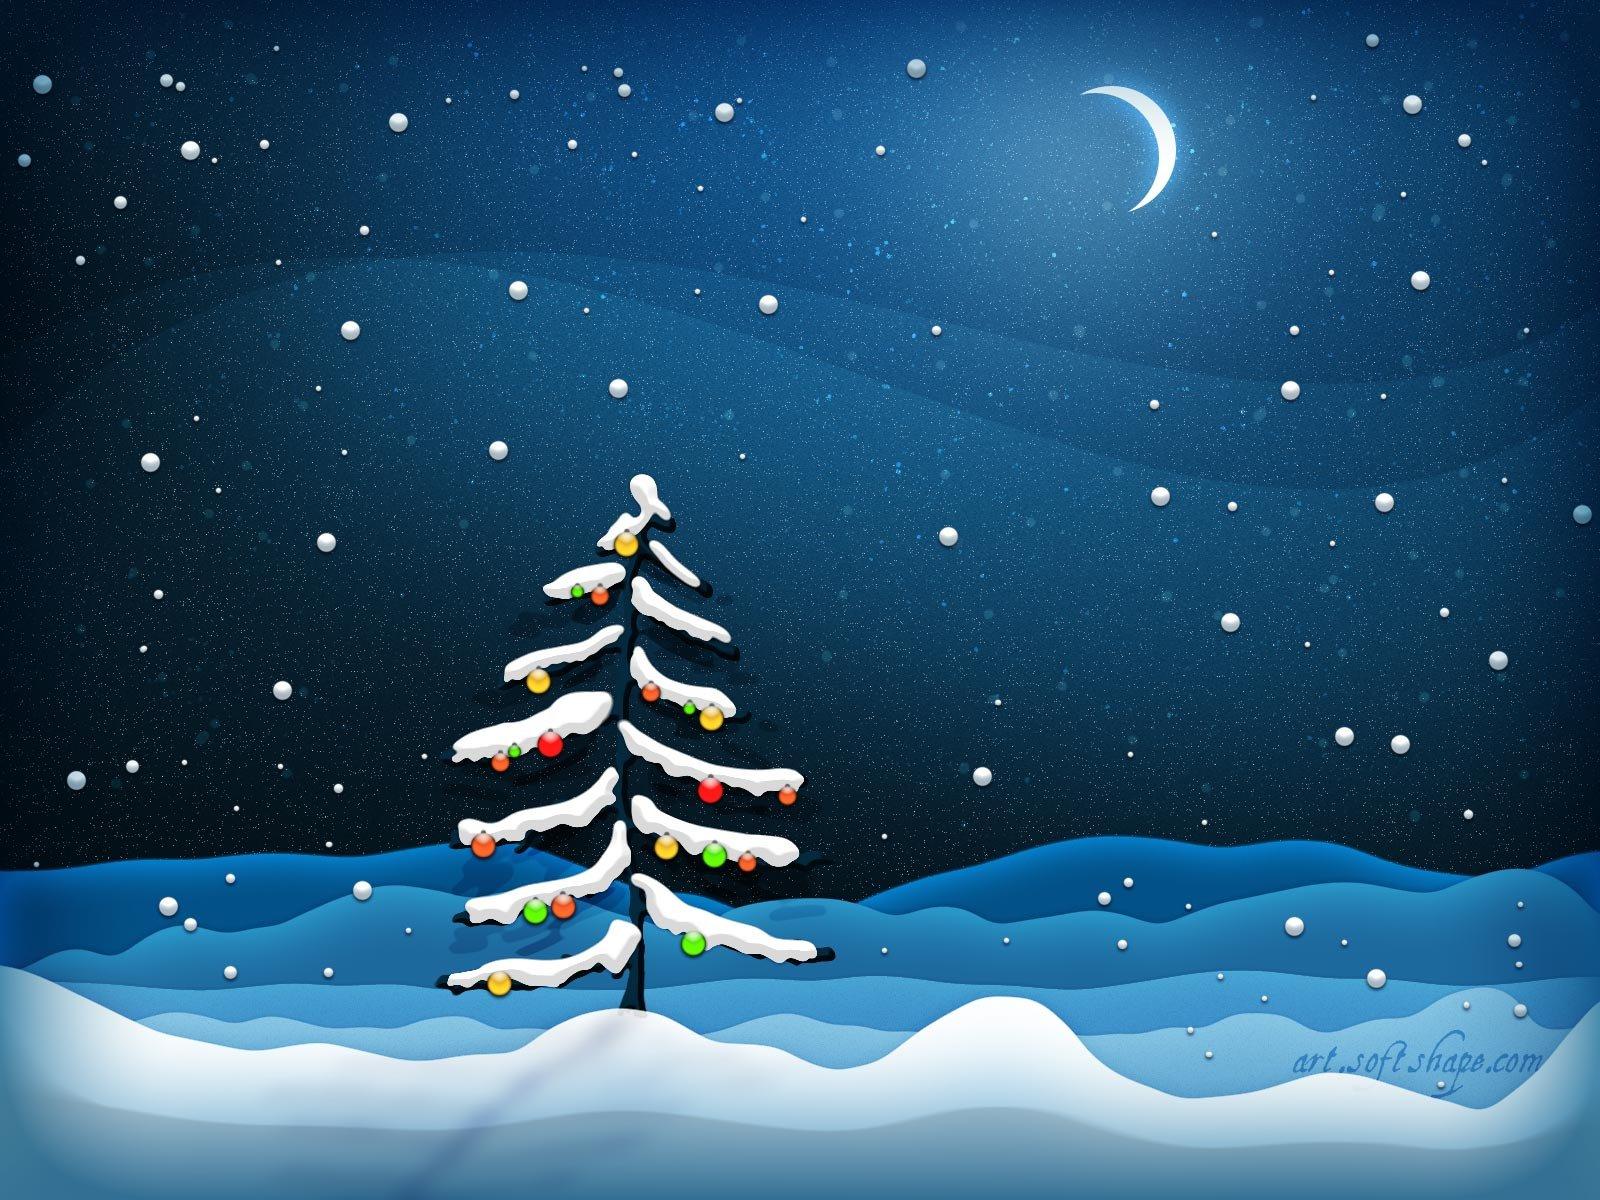 Google themes christmas - Snow Google Themes Christmas Tree Snow Google Wallpapers Christmas